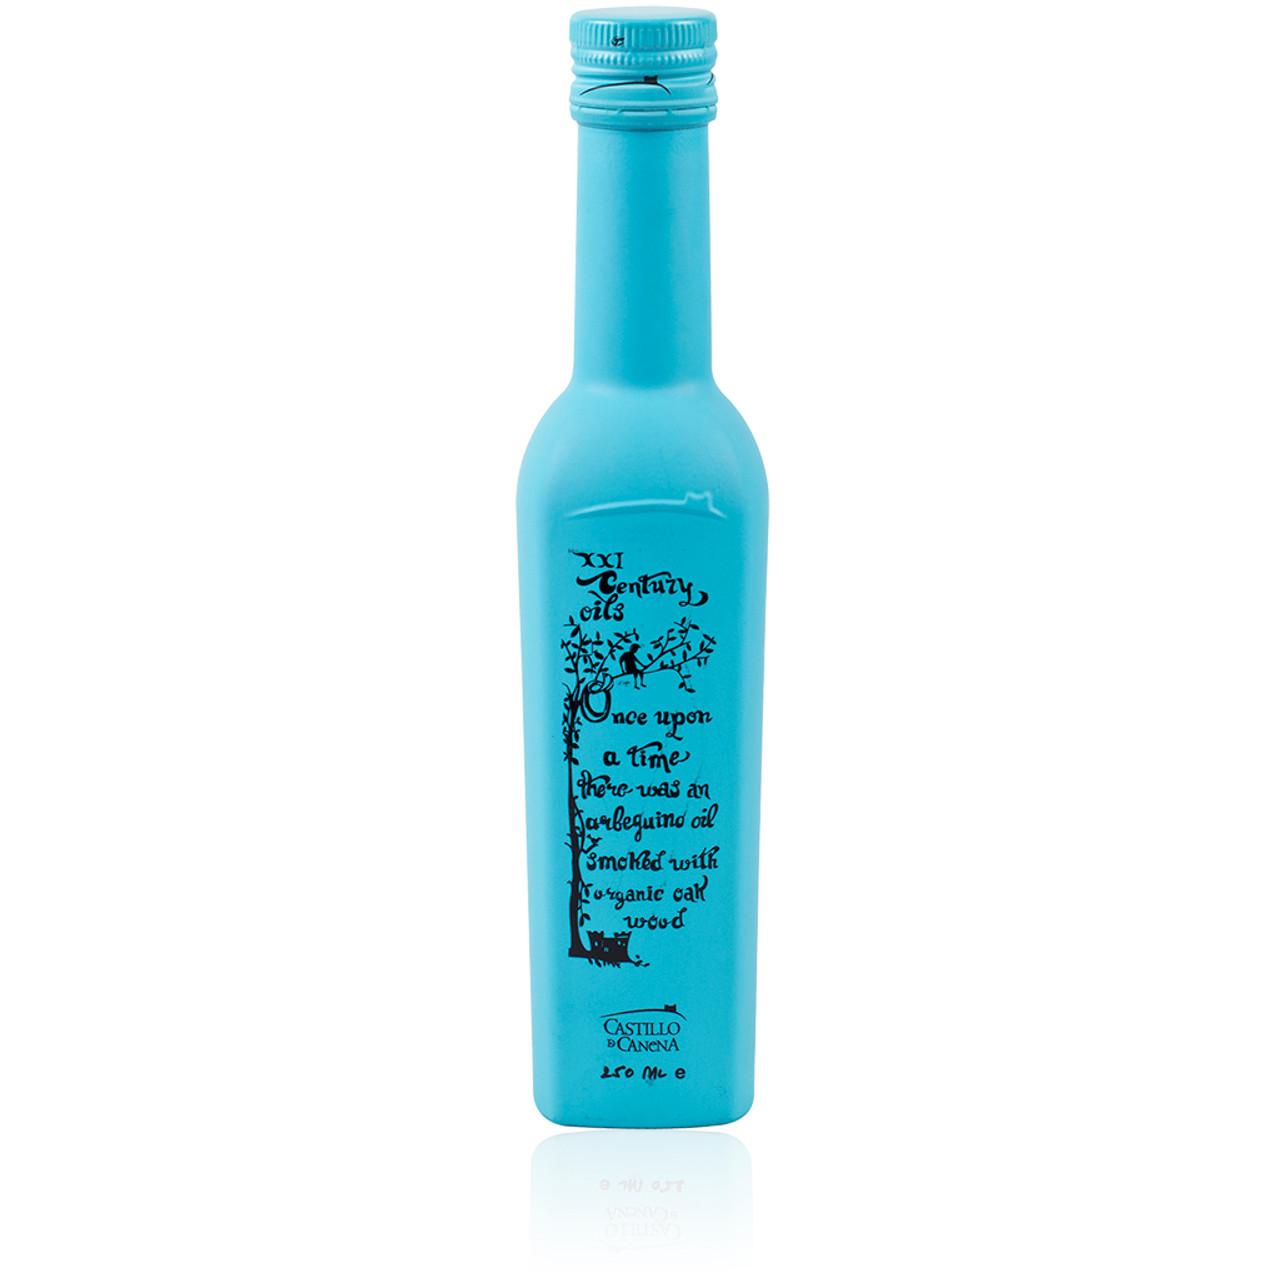 Castillo Extra Virgin Olive Oil Smoked 250ml